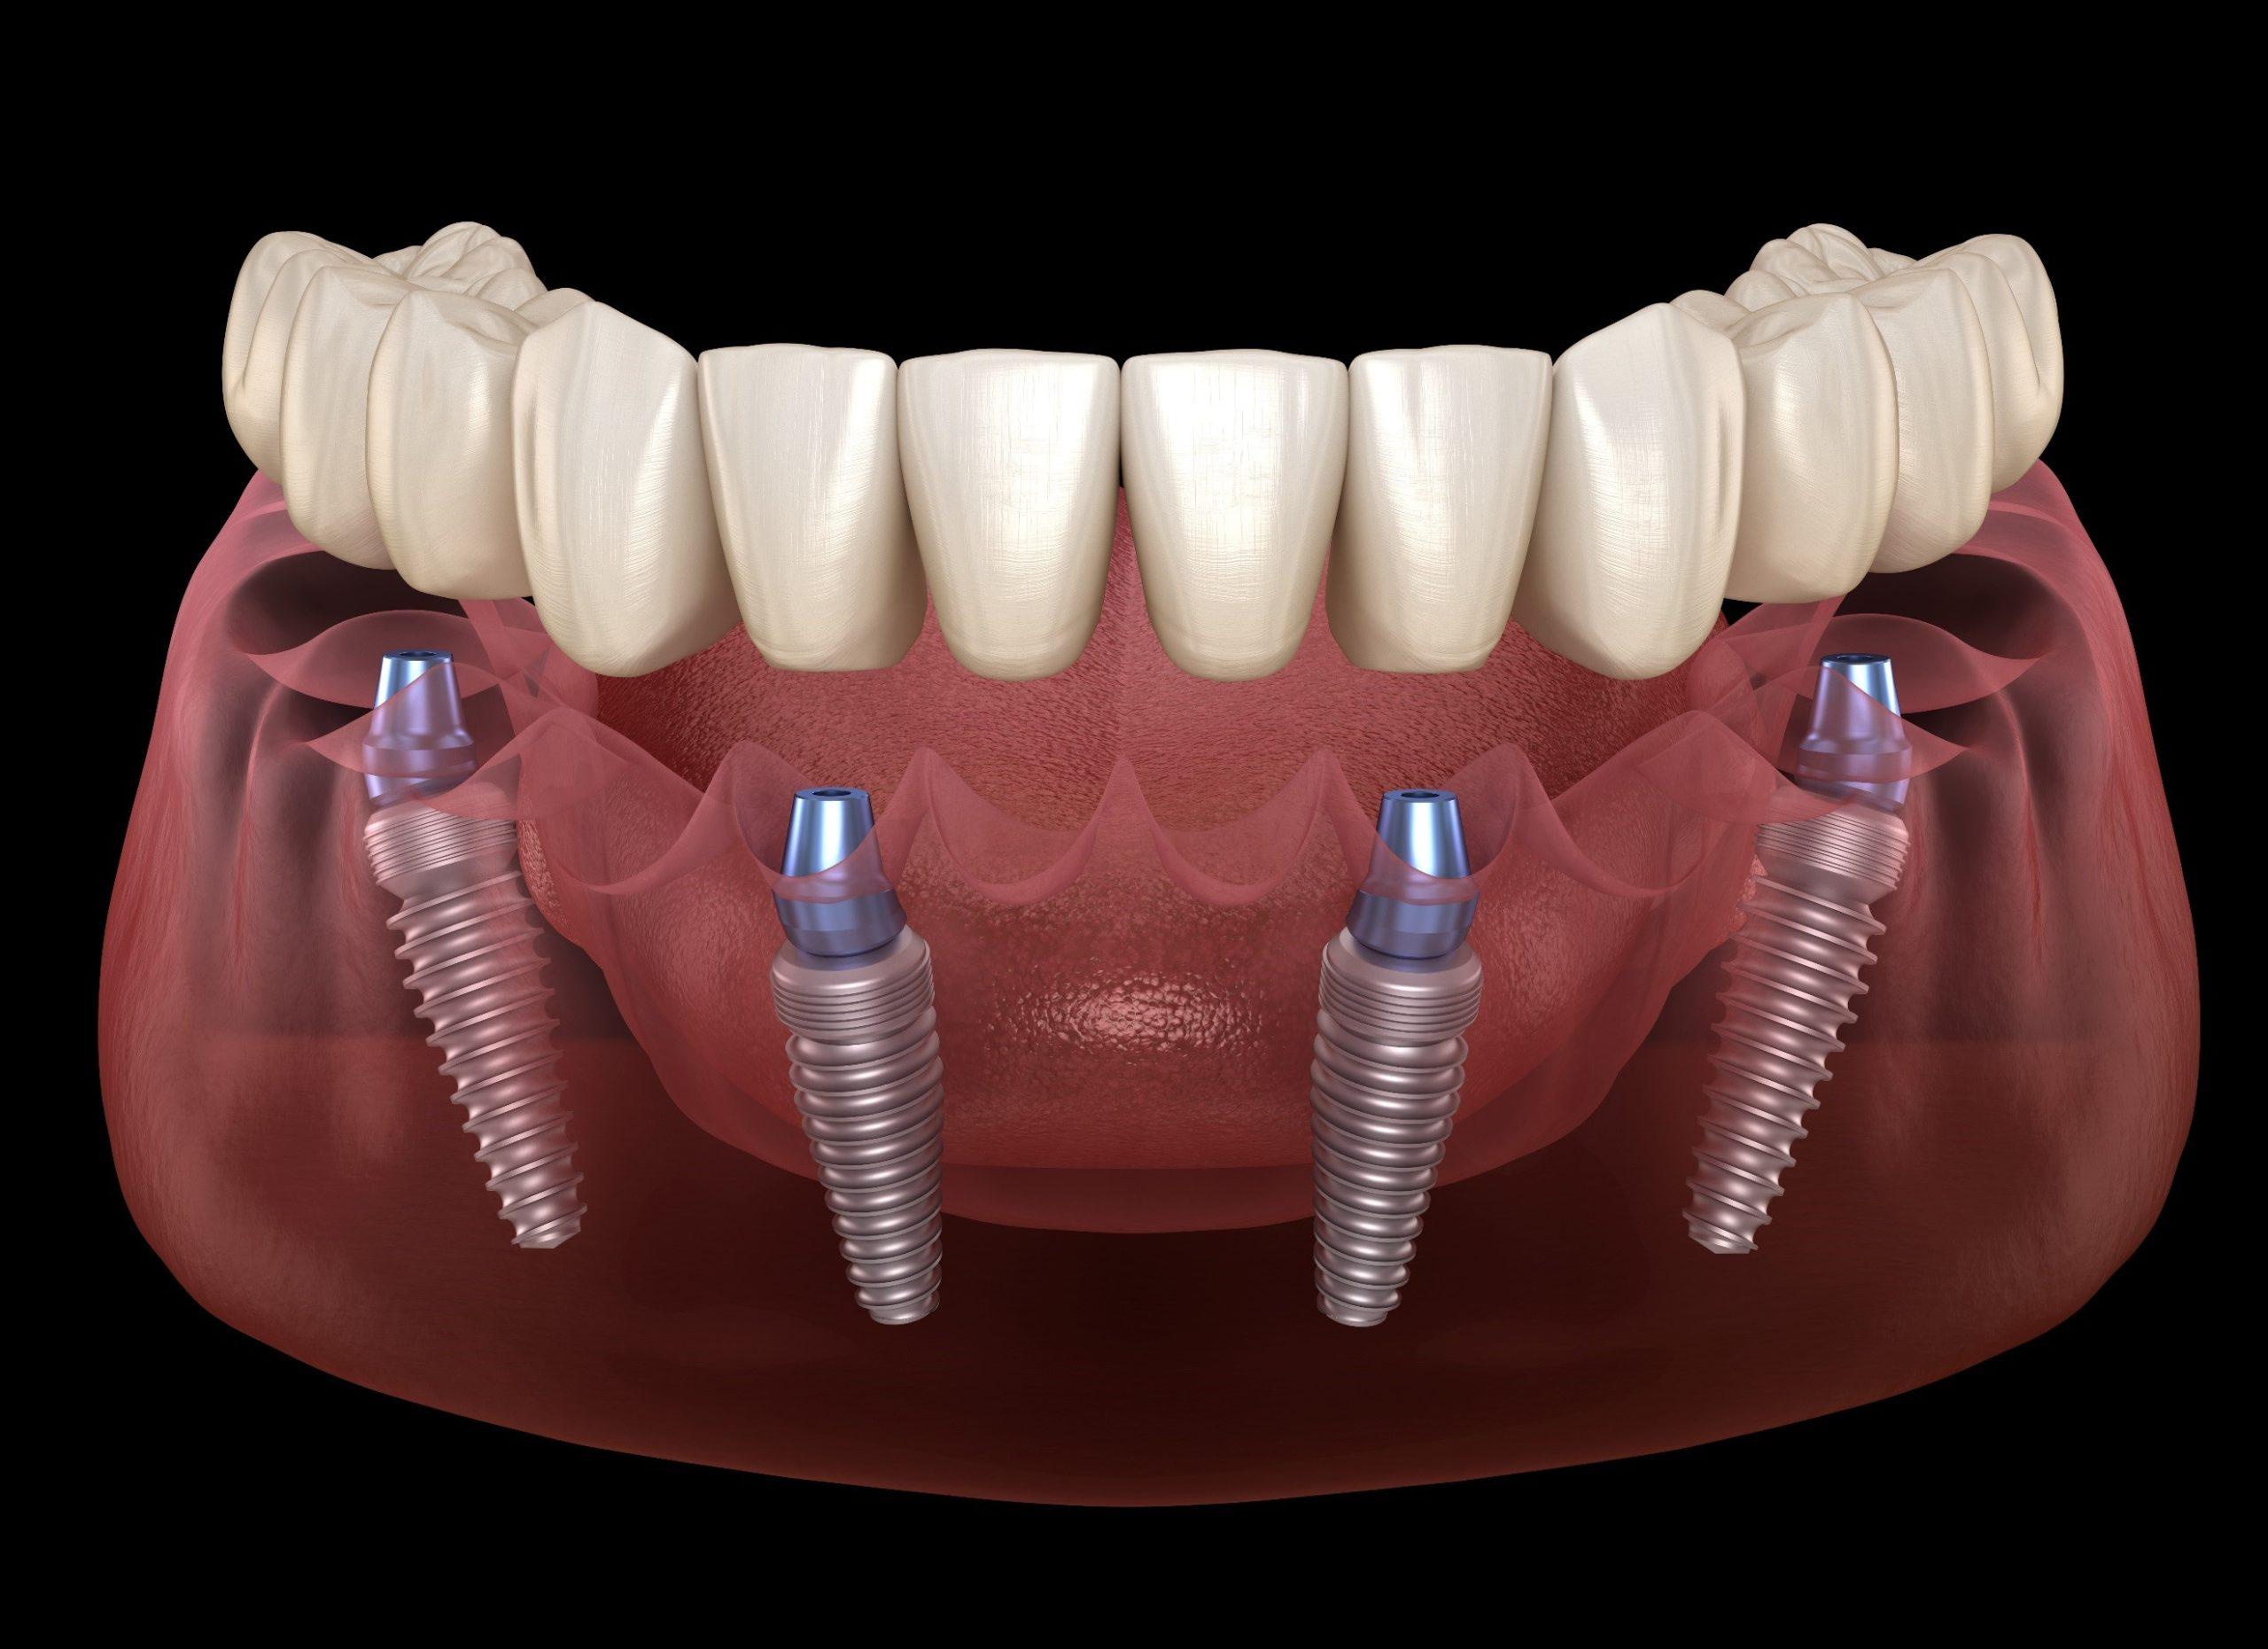 https://dentalstudioturkey.com/wp-content/uploads/2021/02/all-on-4-3-scaled.jpg